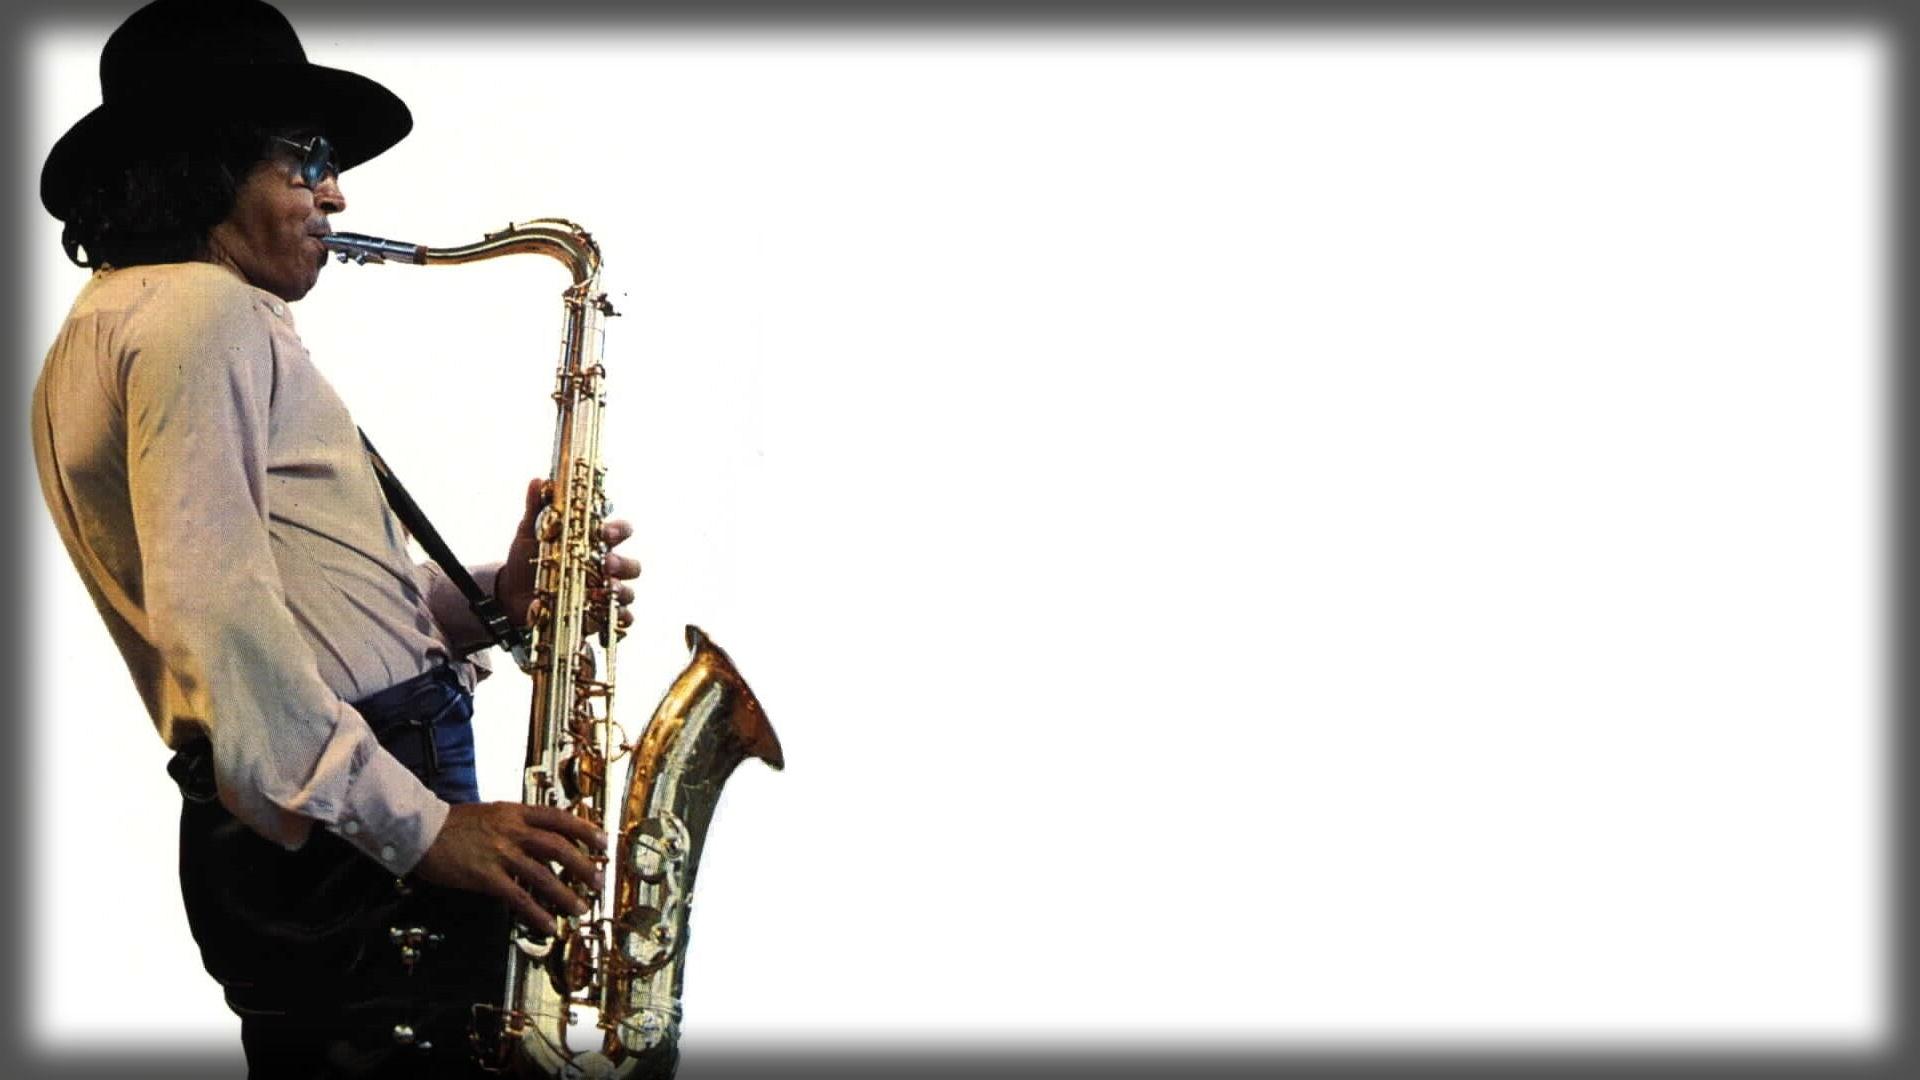 Fond D'Écran : Des Lunettes, Instrument De Musique intérieur Musique Chapeau